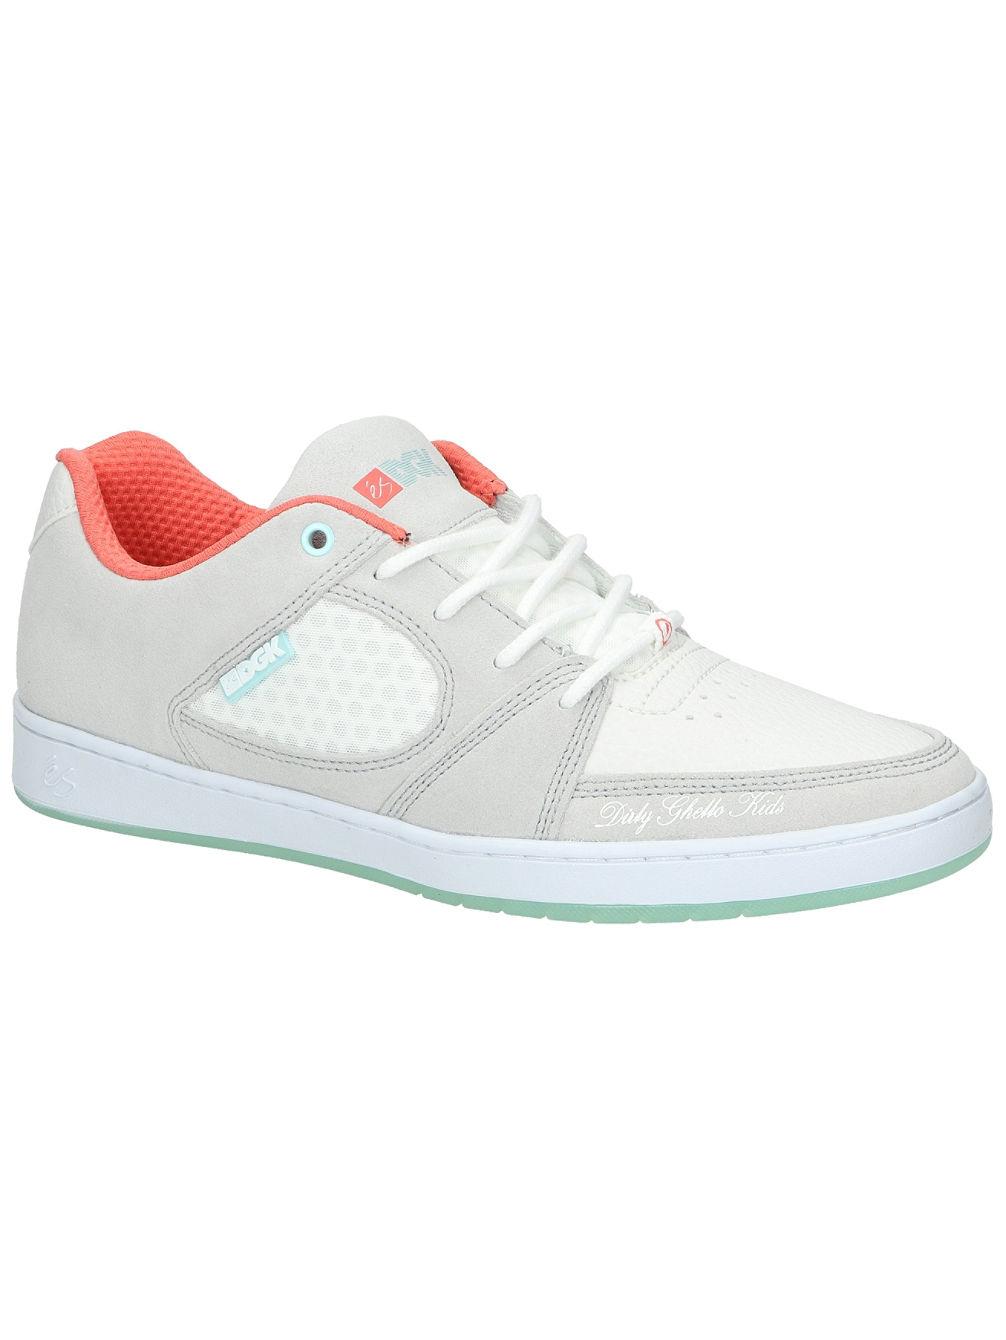 7626de2c610dce Buy Es Accel Slim X DGK Skate Shoes online at Blue Tomato